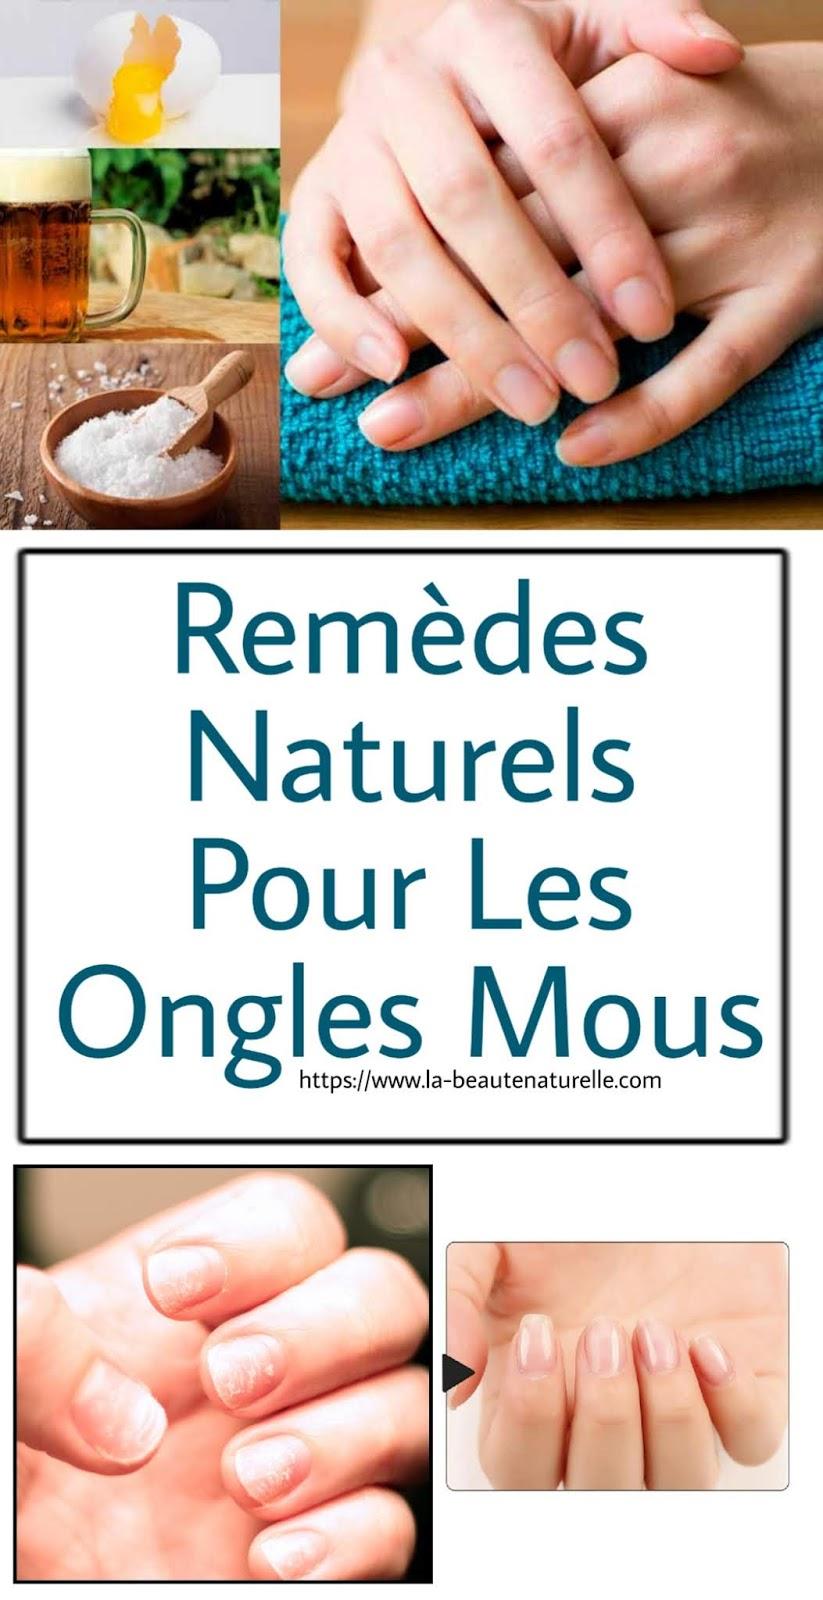 Remèdes Naturels Pour Les Ongles Mous